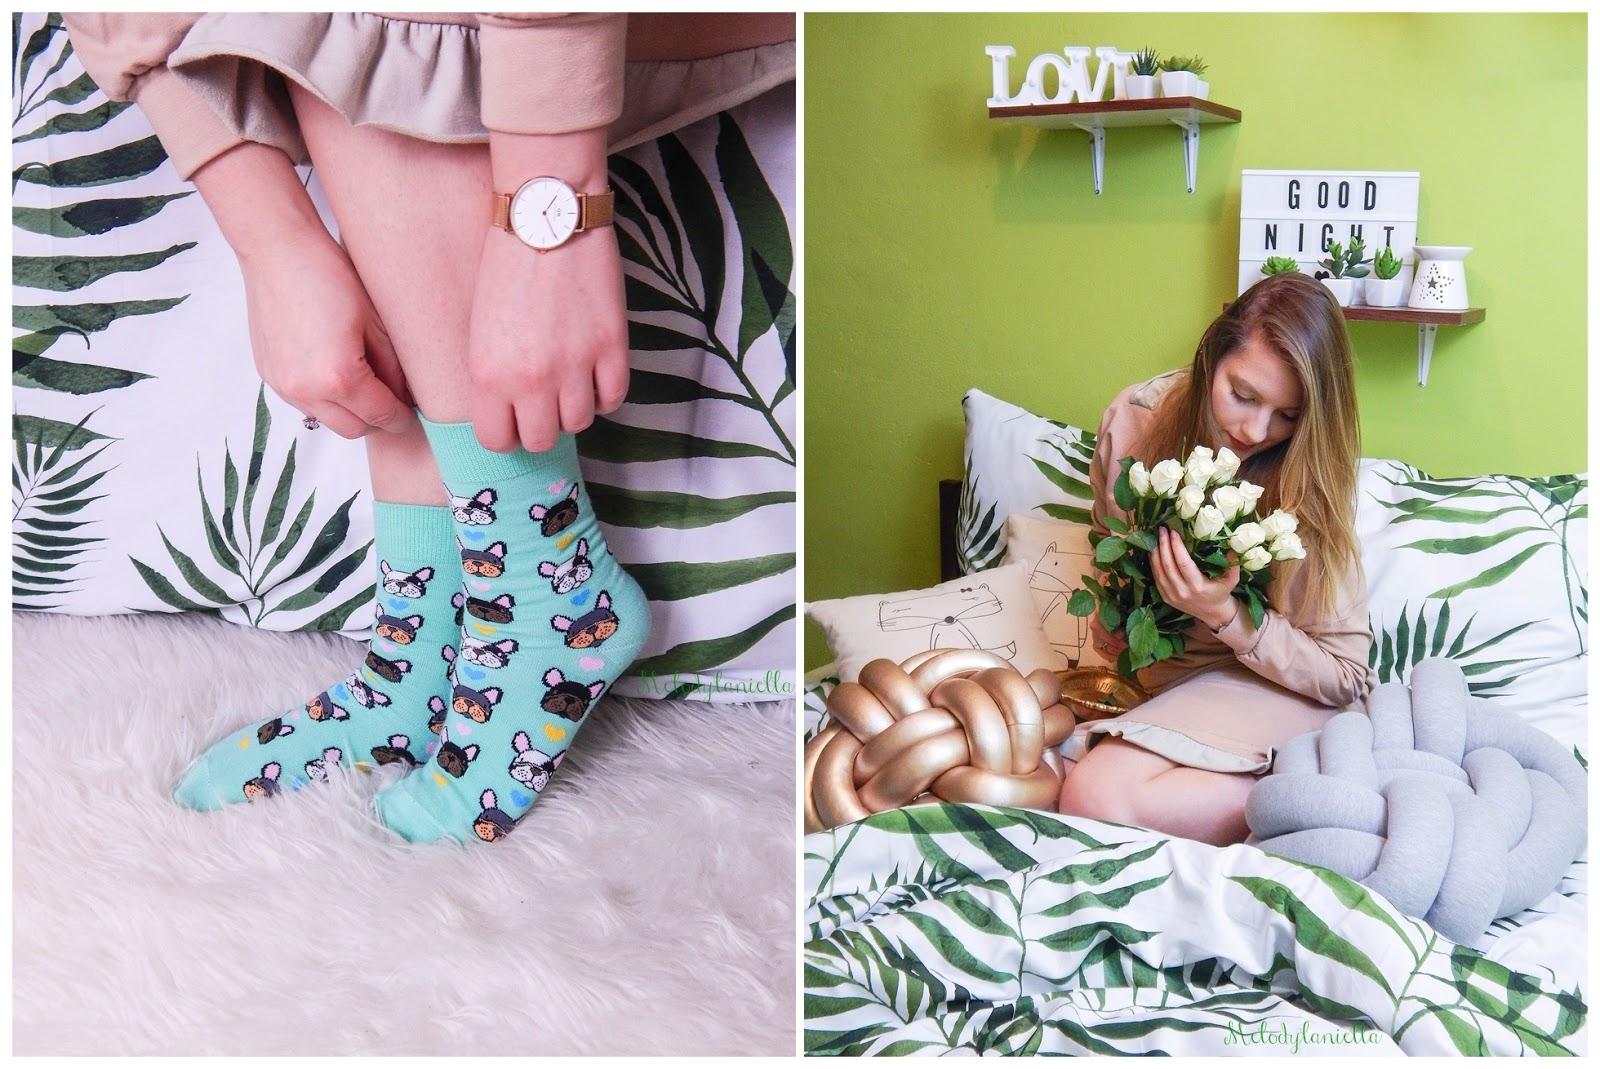 3 skarpetki-kolorowe-cieple-we-wzory-buldogi-kelly-bubble-recenzja-opinia-moda-stylowe-sukienki-domowe-pizama-influencerki-blogerki-kwiaty-pomysl-na-przent-bielenda-zegarek-daniel-wellington-jak-urzadzic-sypialnie